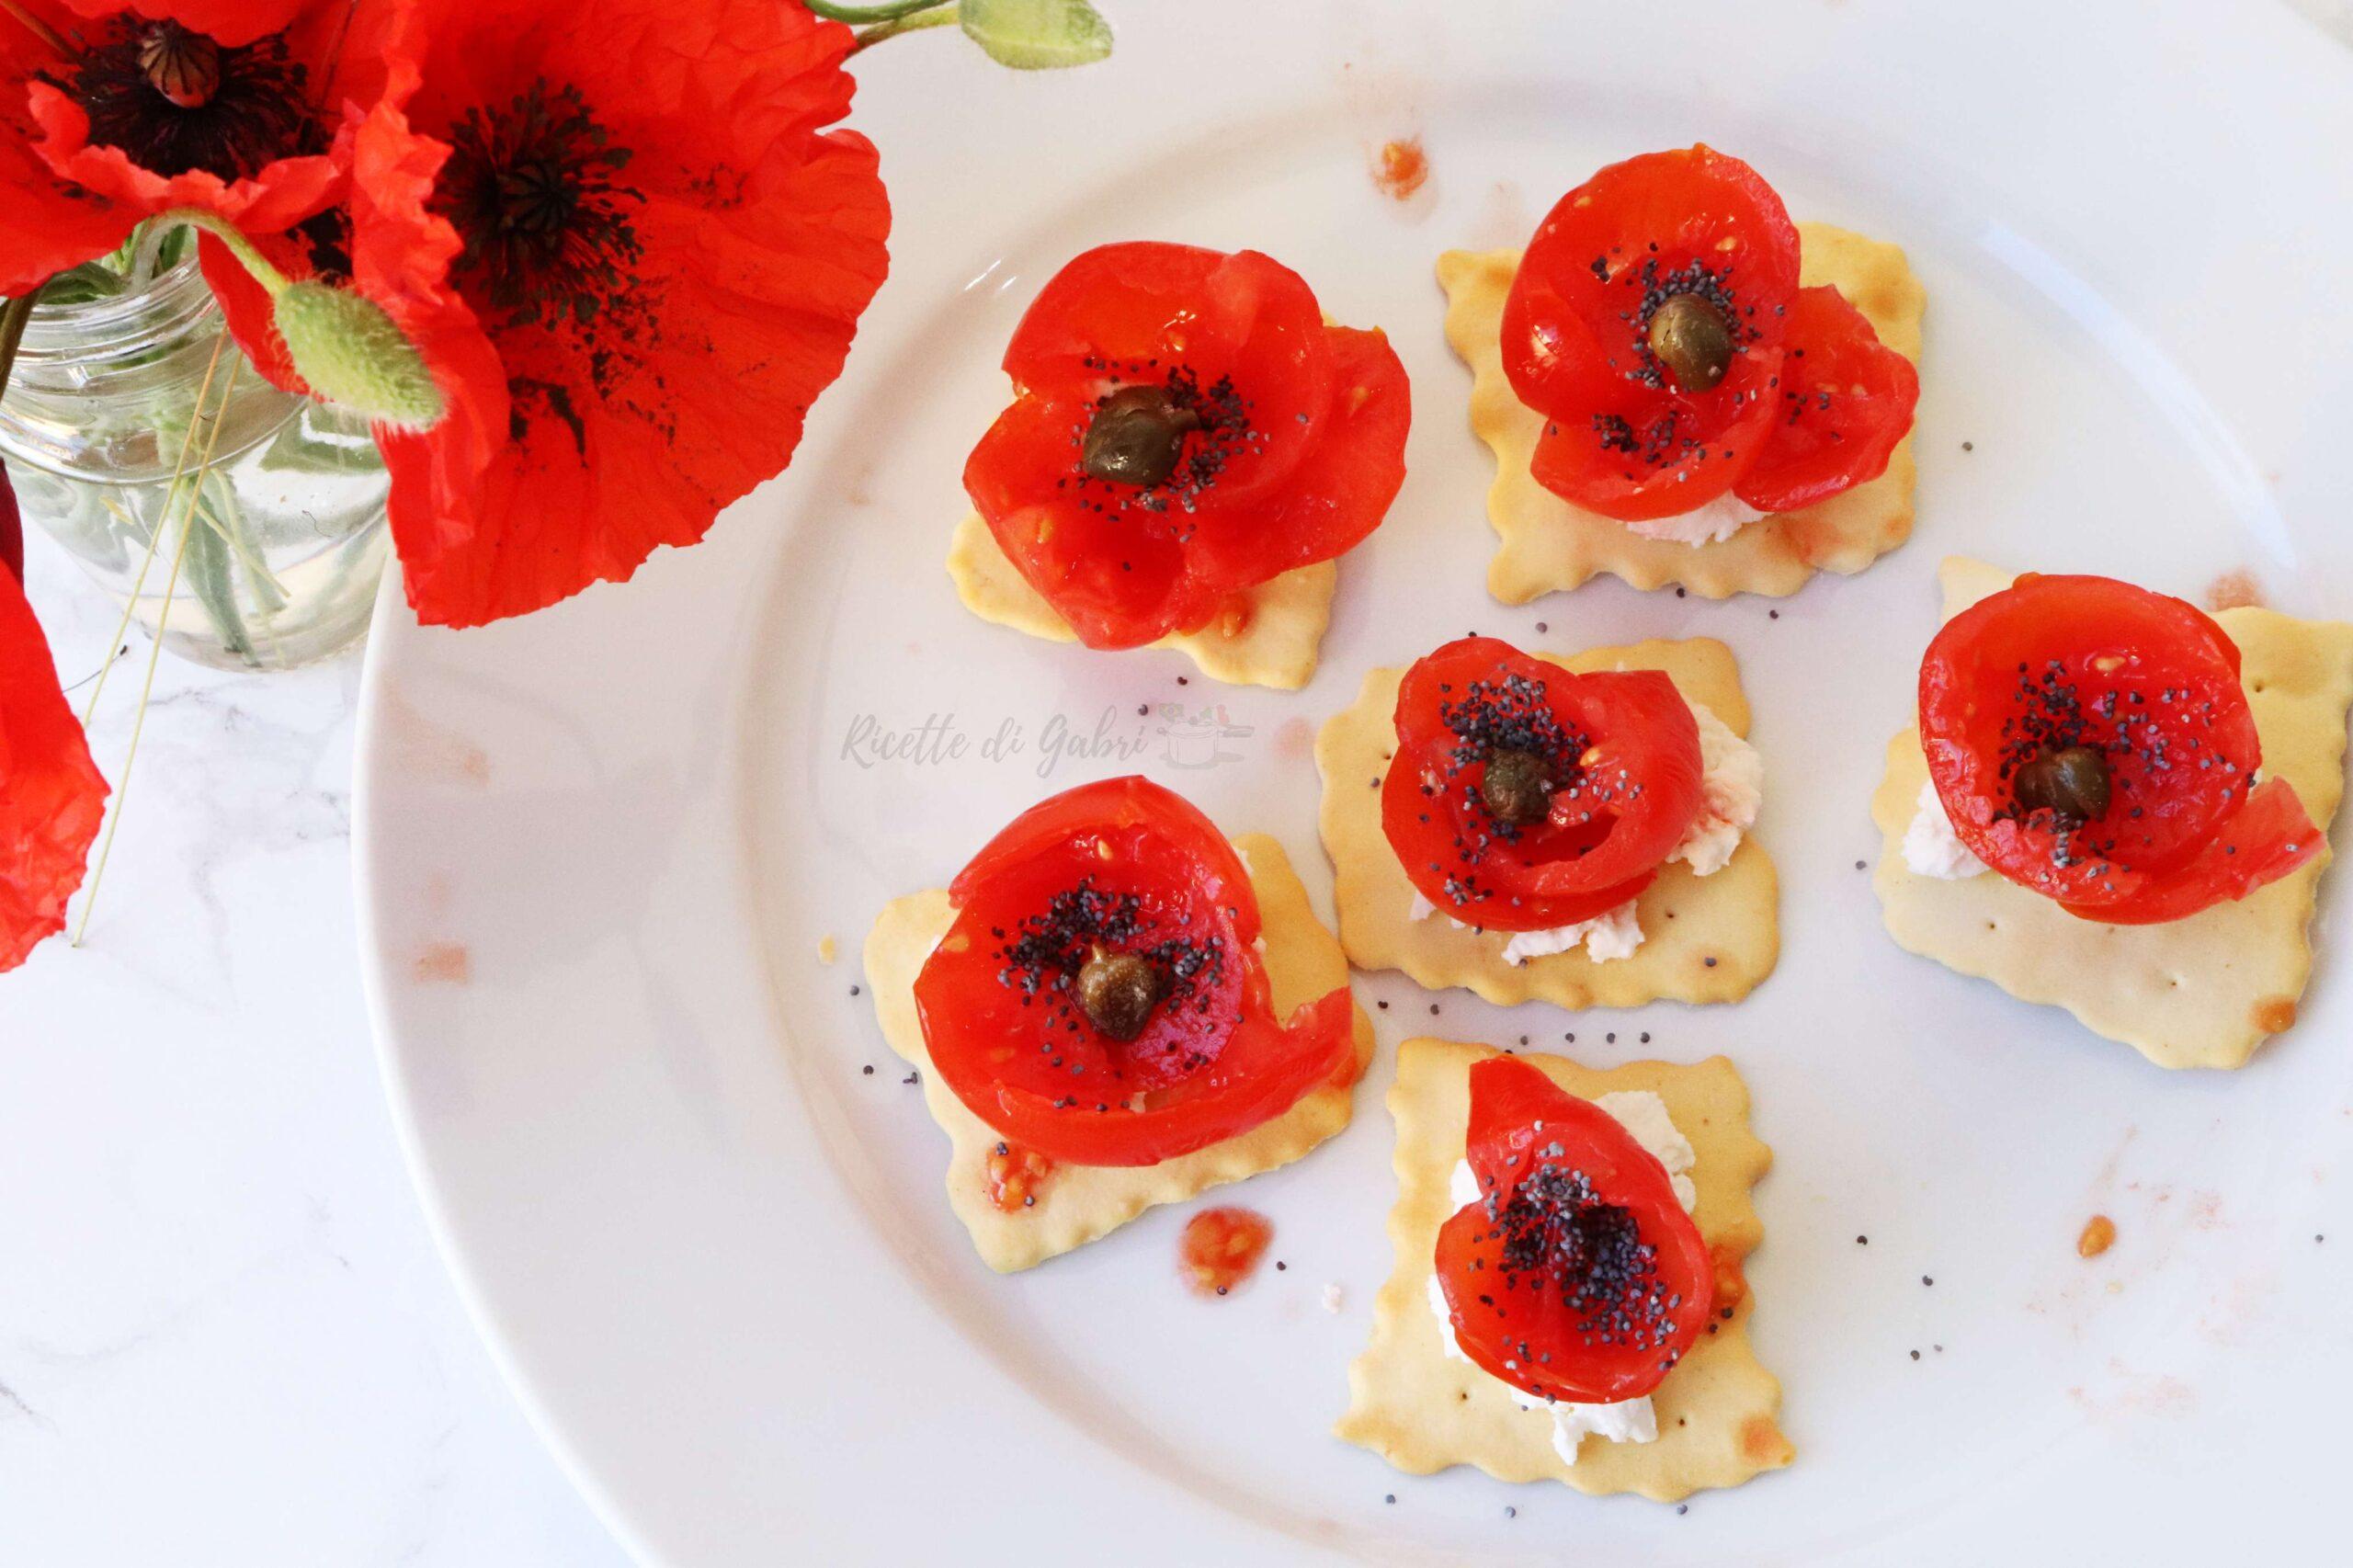 fiori di pomodori papaveri commestibili antipasto aperitivo idee crostini bruschette sfiziose facili gabri